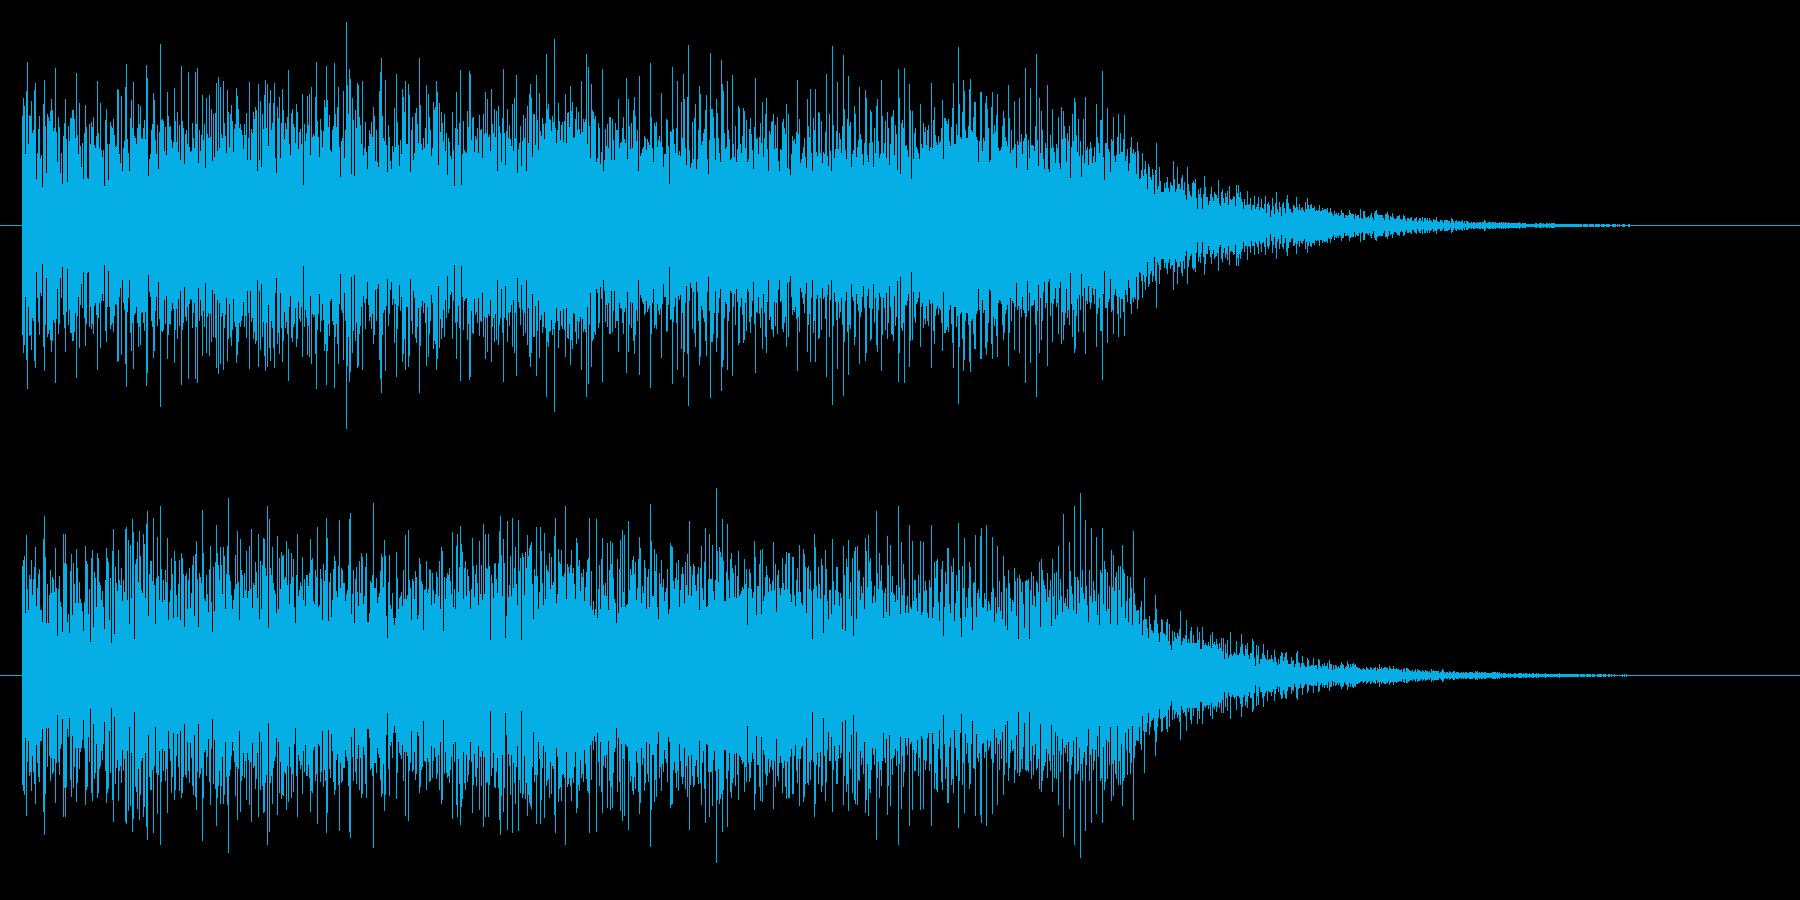 ステージクリア たらら 達成 正解 完了の再生済みの波形